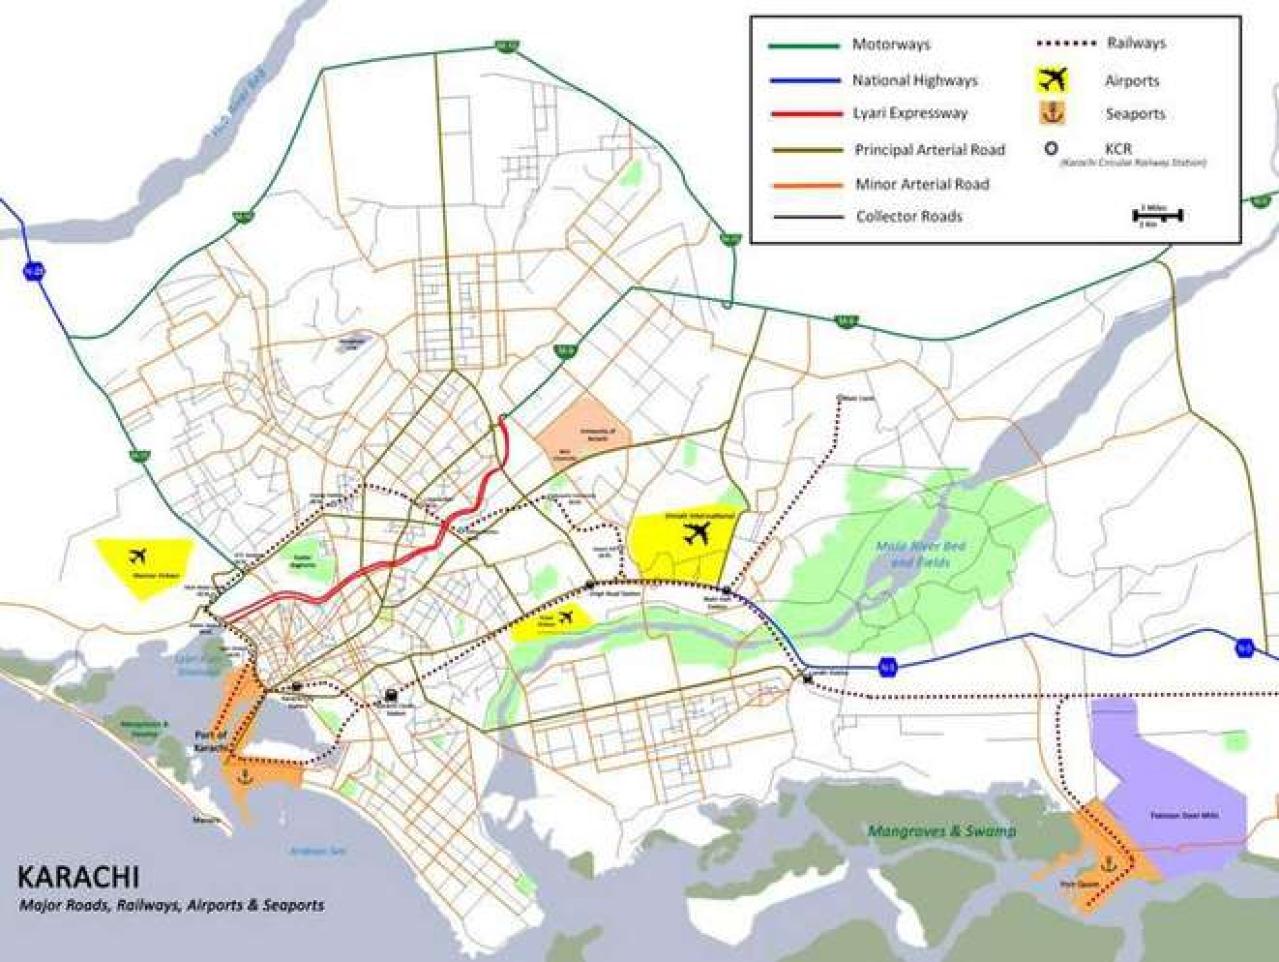 A map of Karachi